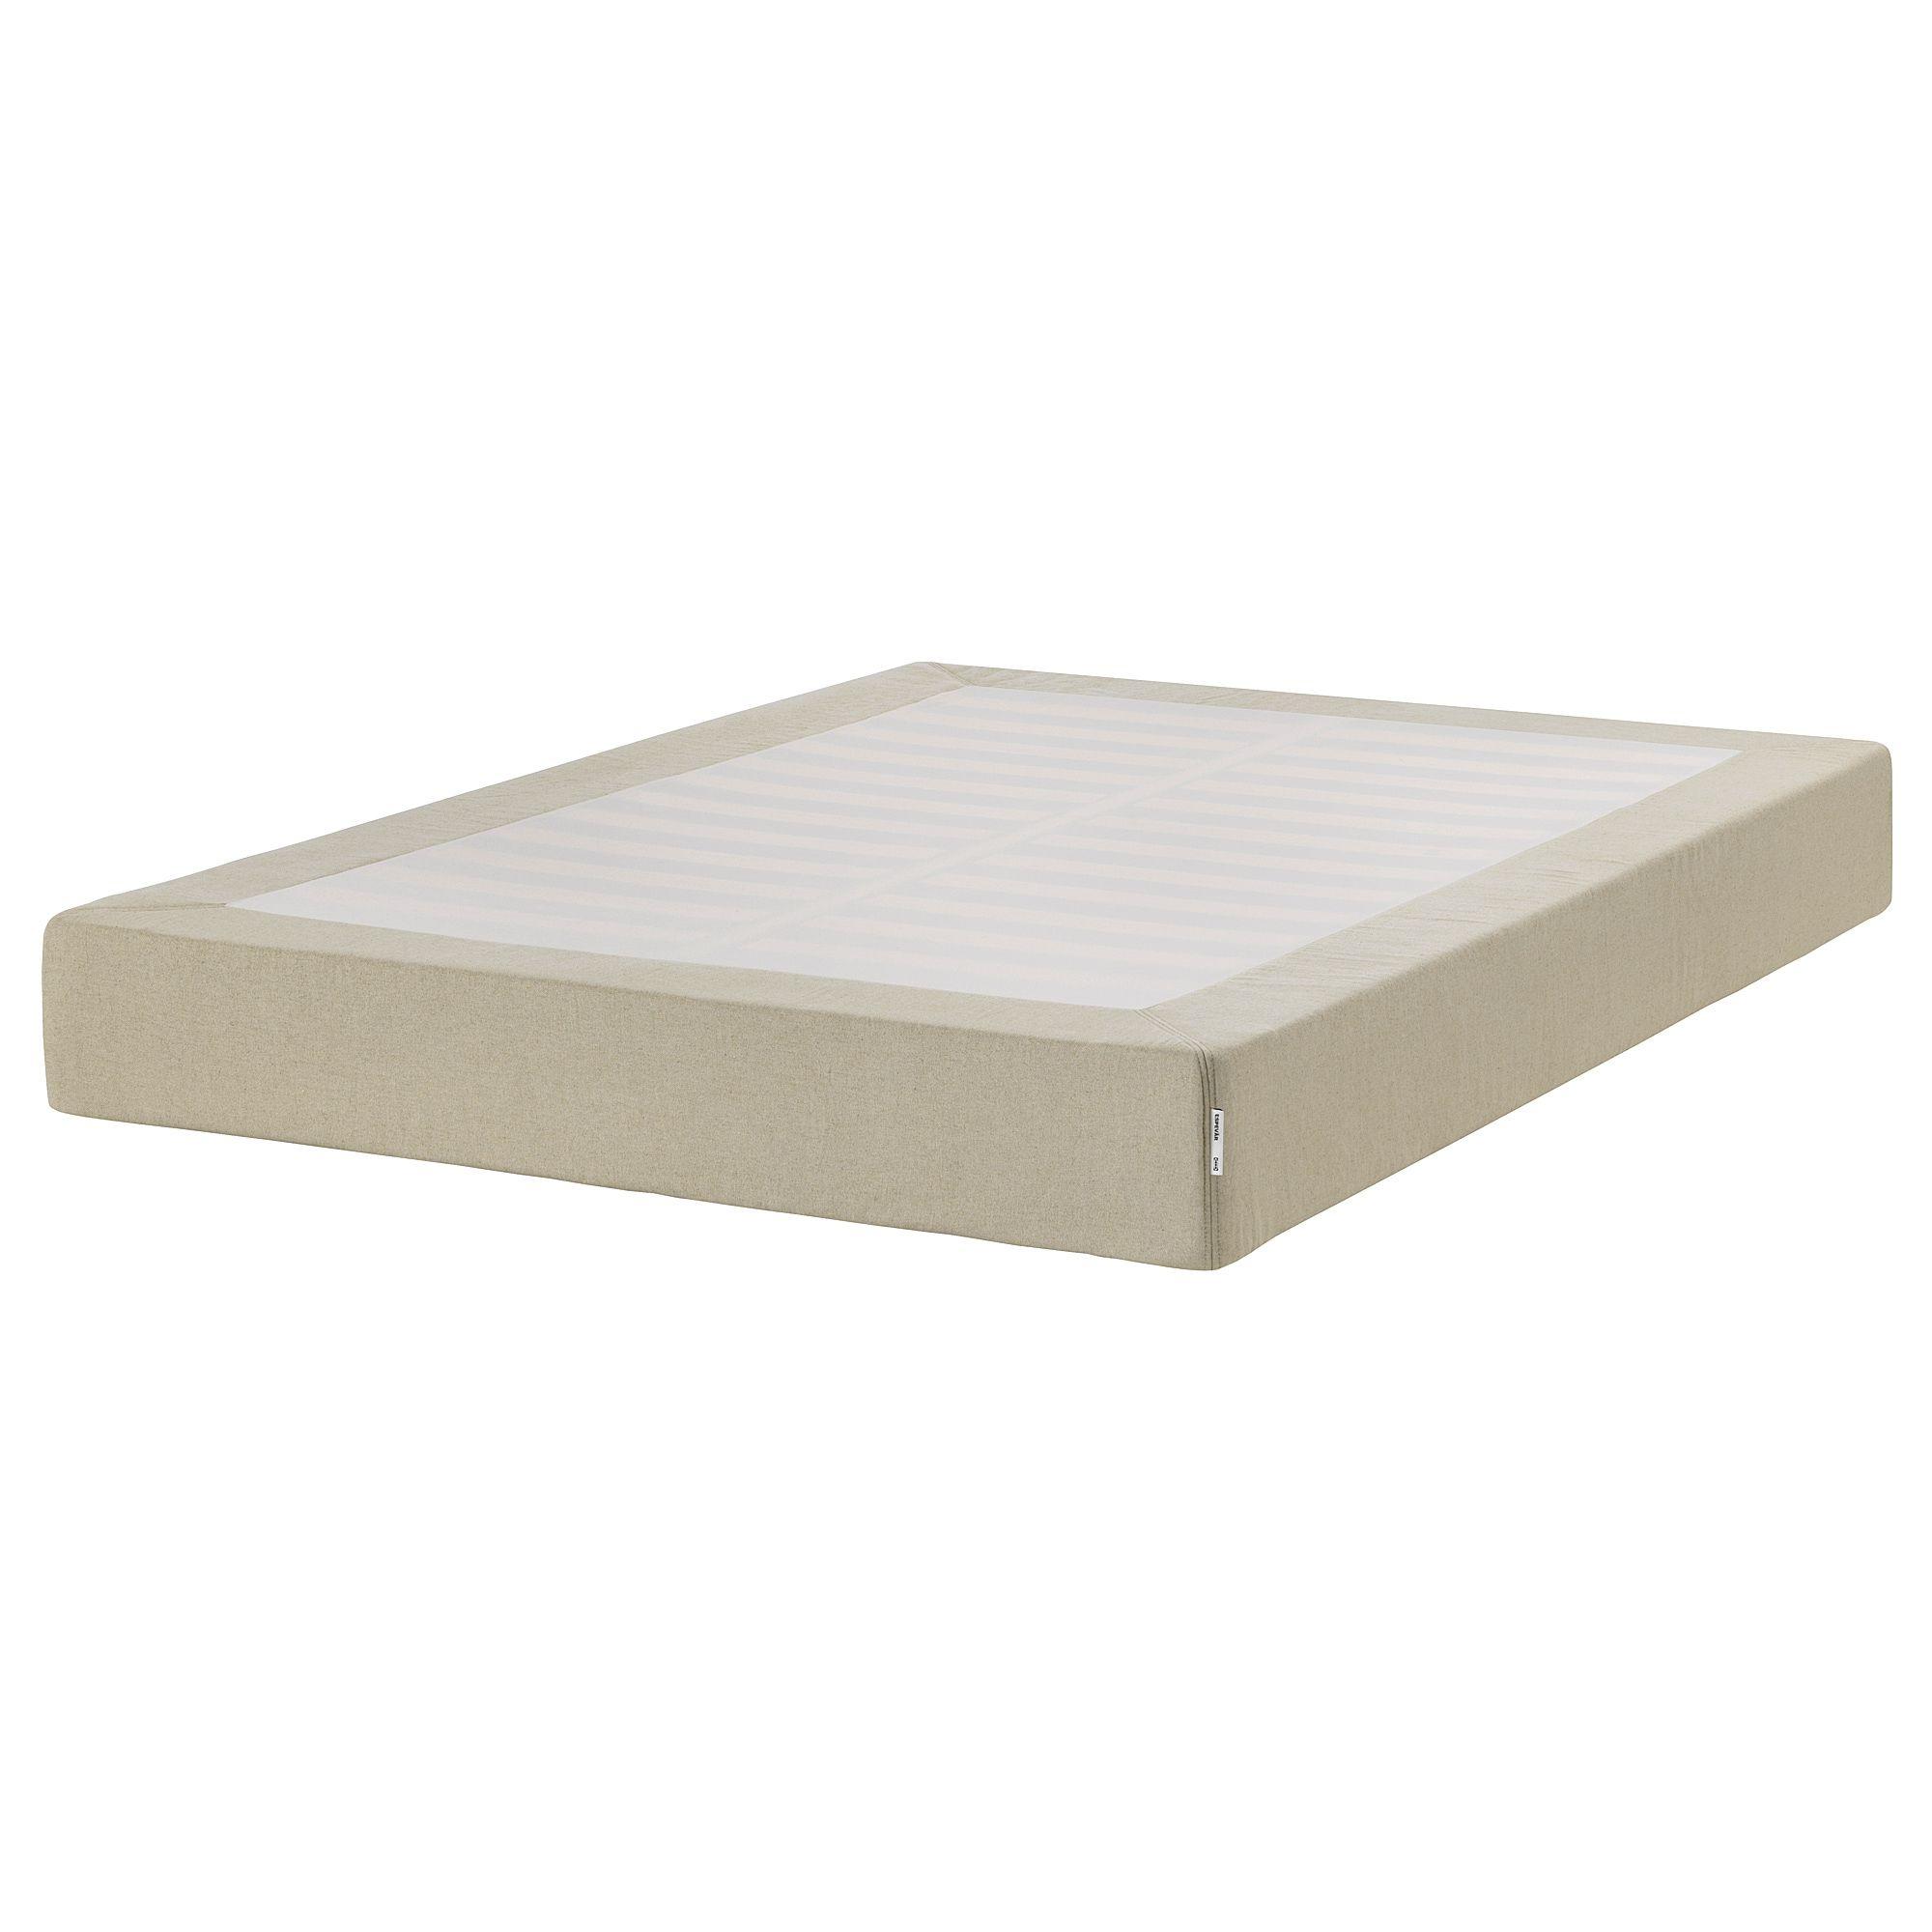 Ikea Espevar Natural Slatted Mattress Base For Bed Frame Bed